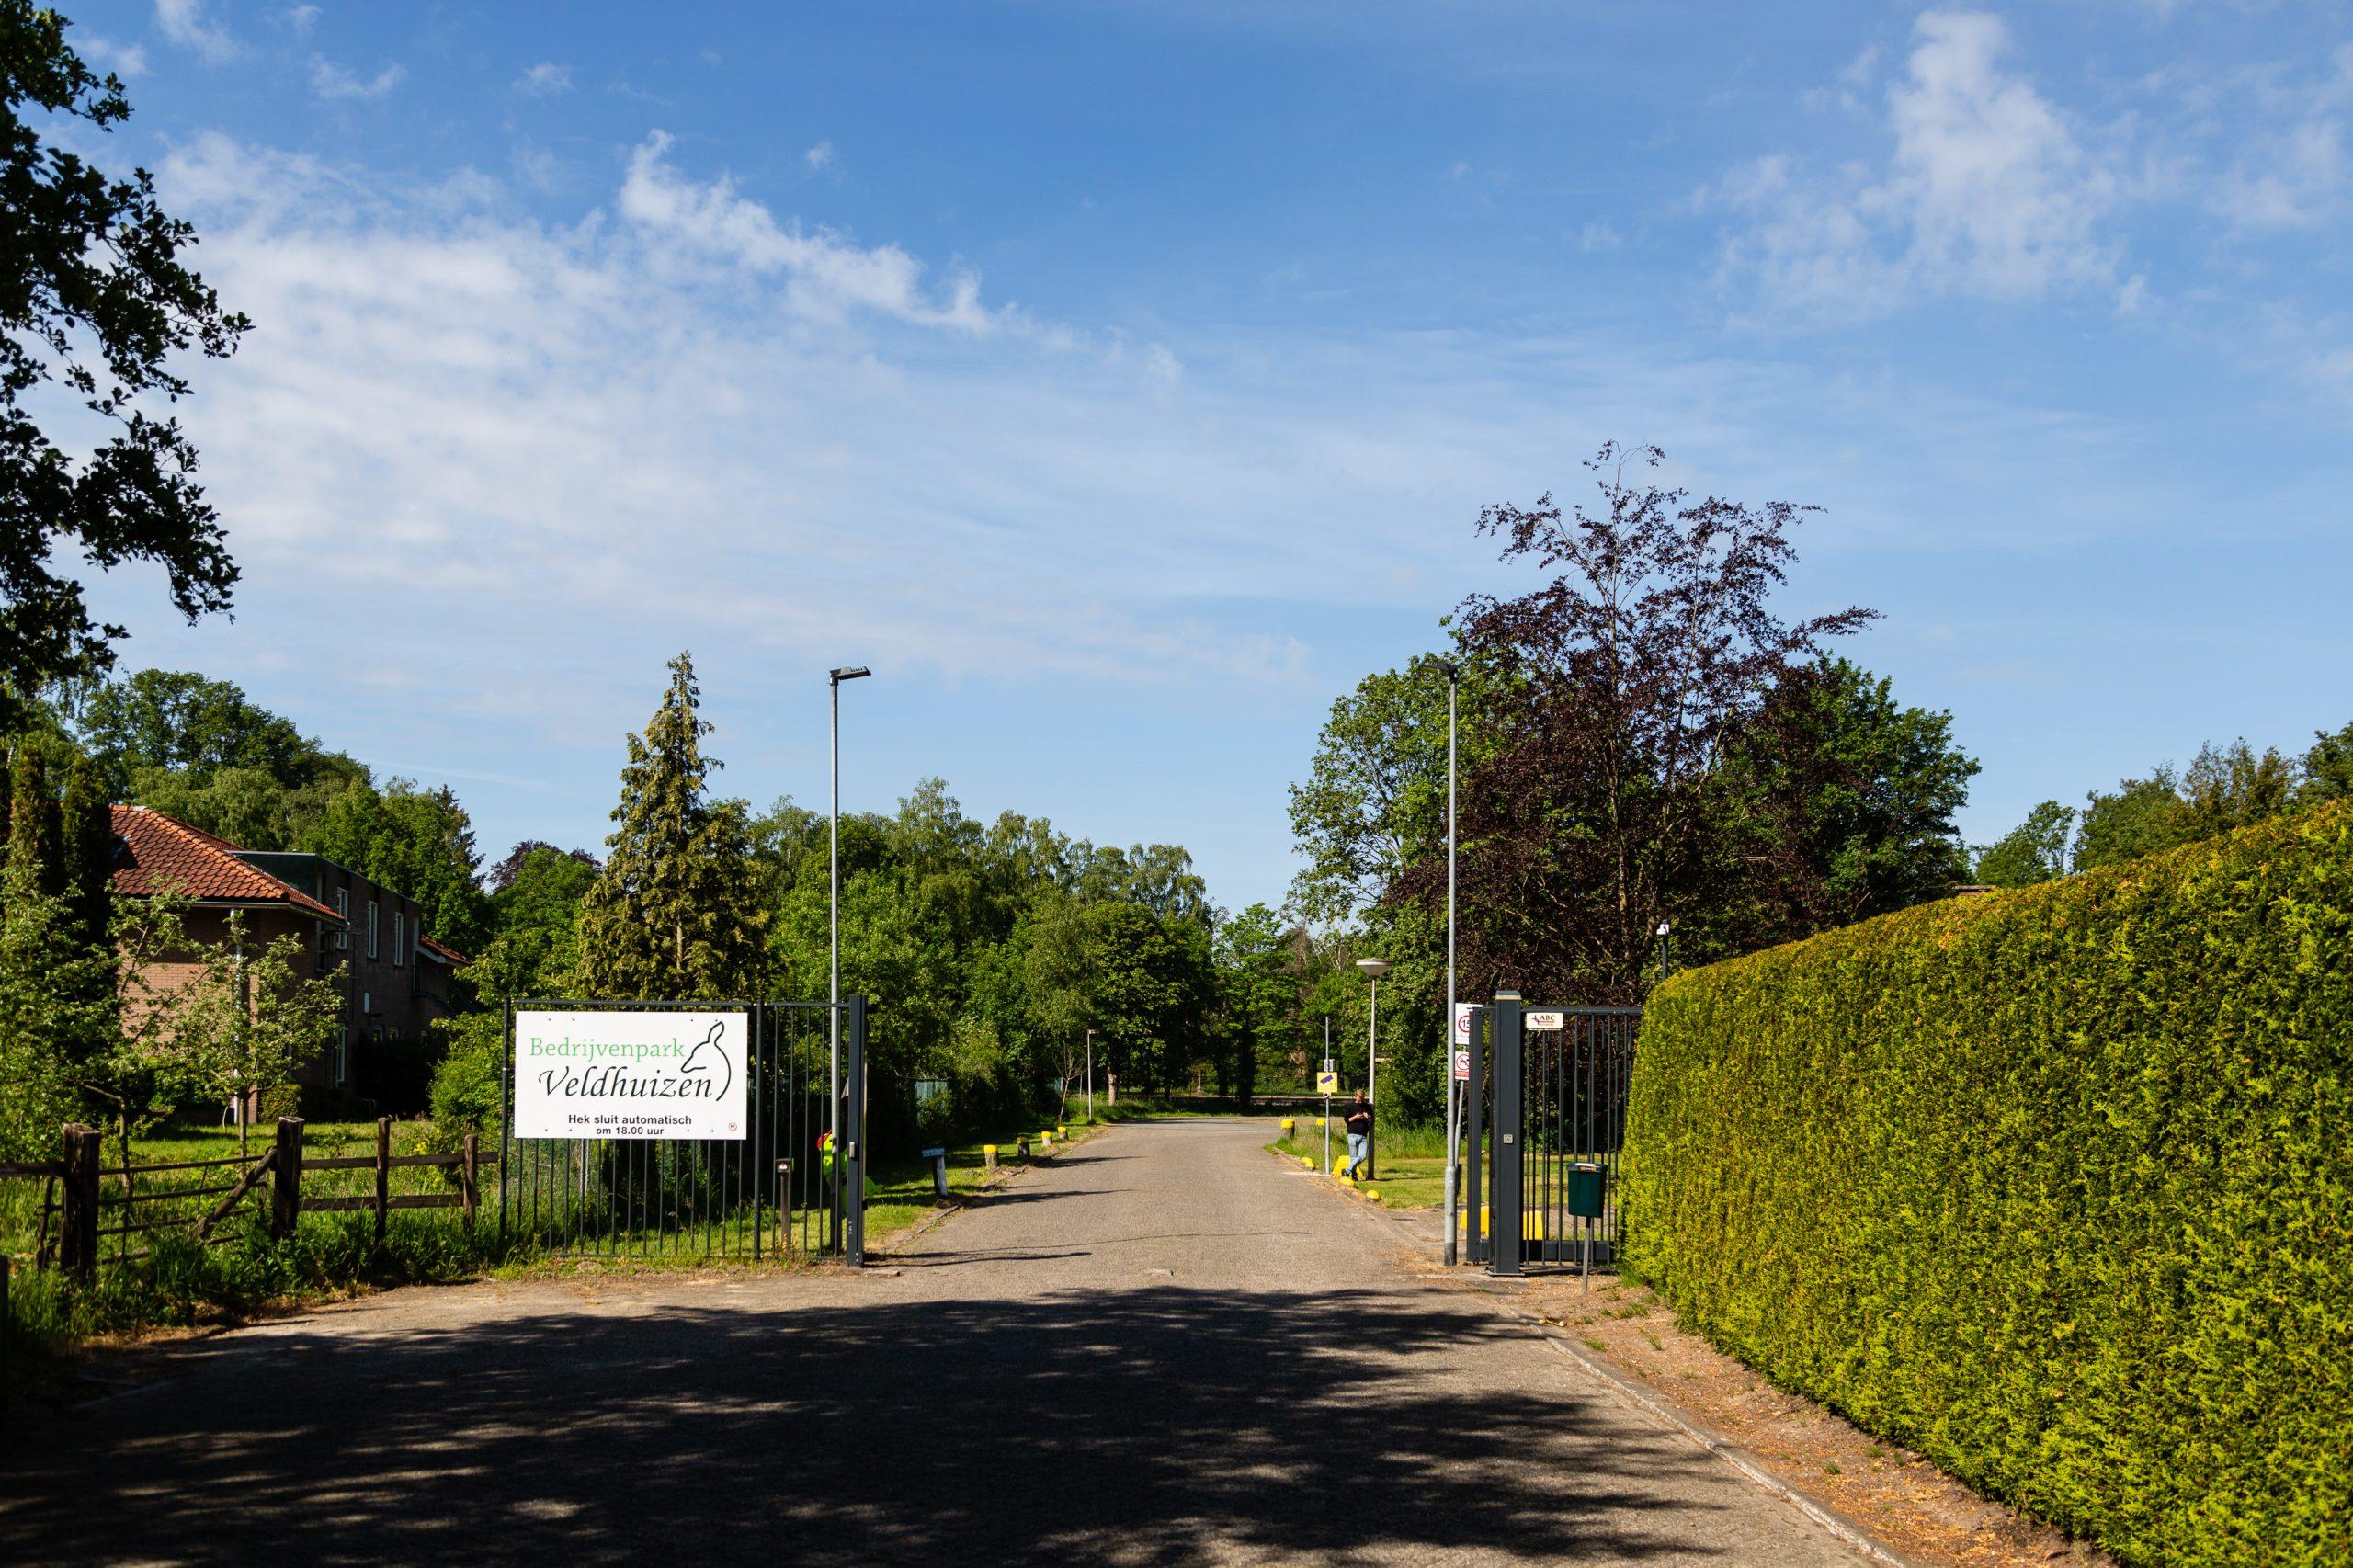 Hoofdingang van het Magazijncomplex Veldhuizen (Loenen)